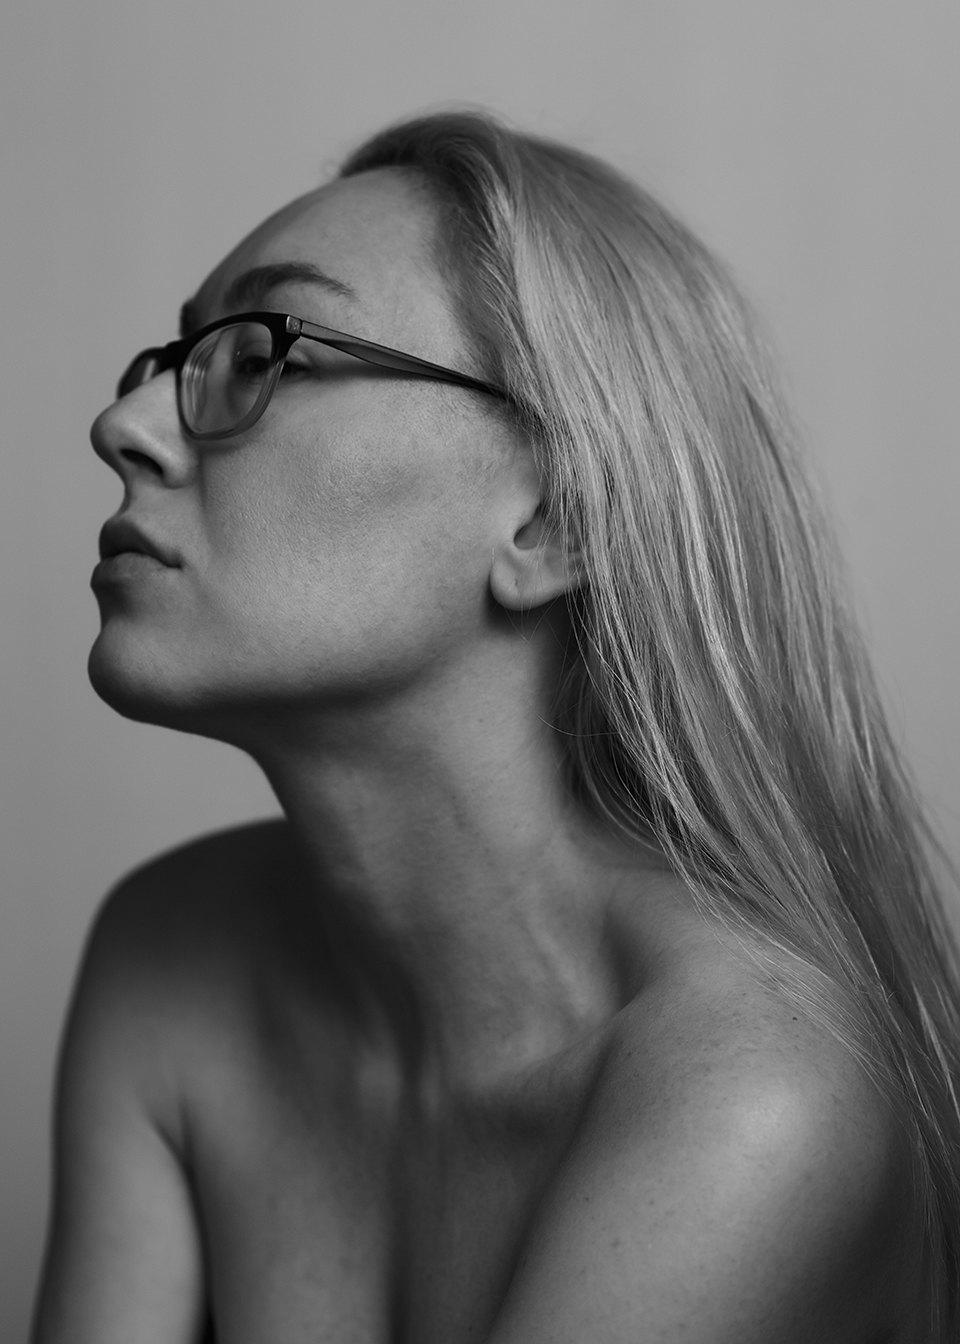 Эротические фотографы о стандартах красоты, сексизме и объективации. Изображение № 3.